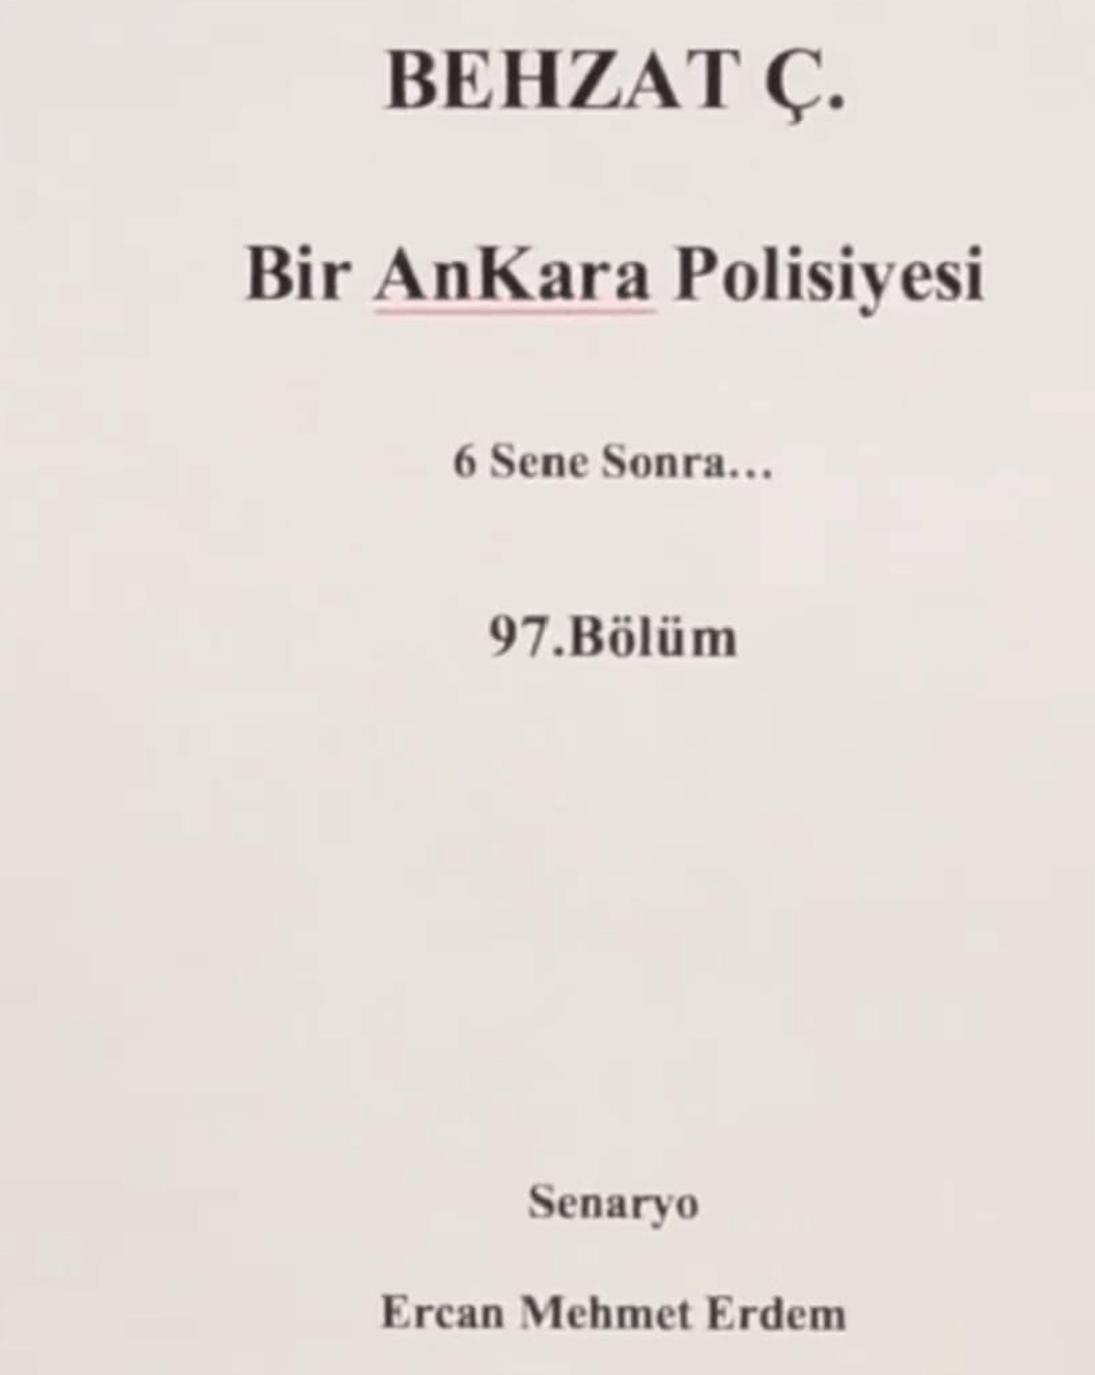 2019da Yeni Başlayacak Diziler Behzat Ç Bir Ankara Polisiyesi